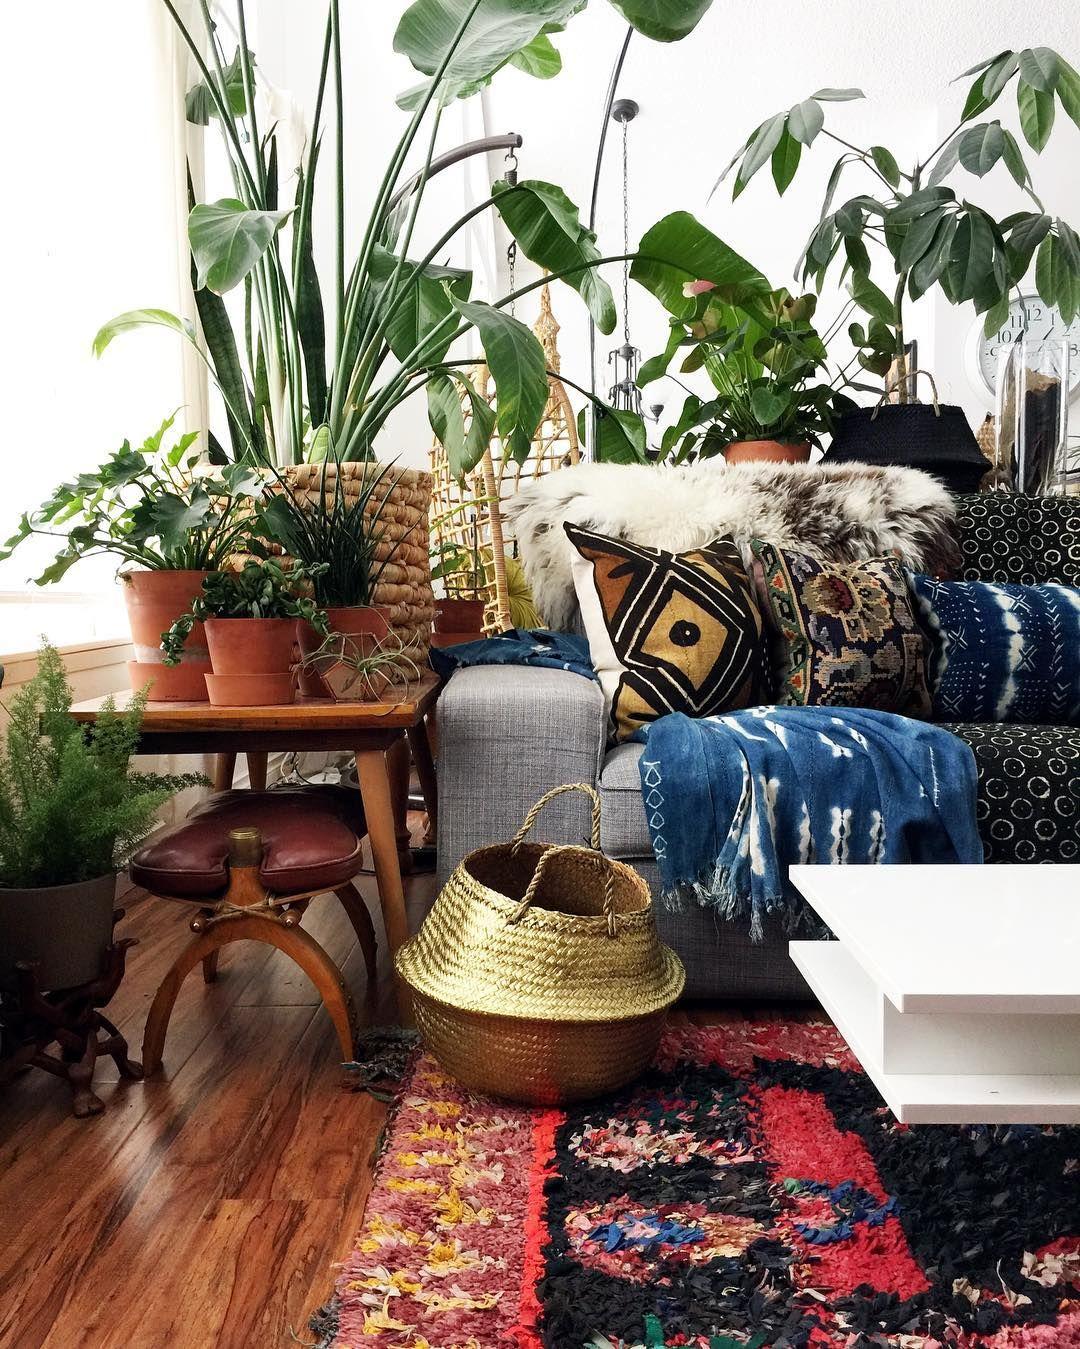 Pflanzen Wohnzimmer Ideen: Einrichtungsideen